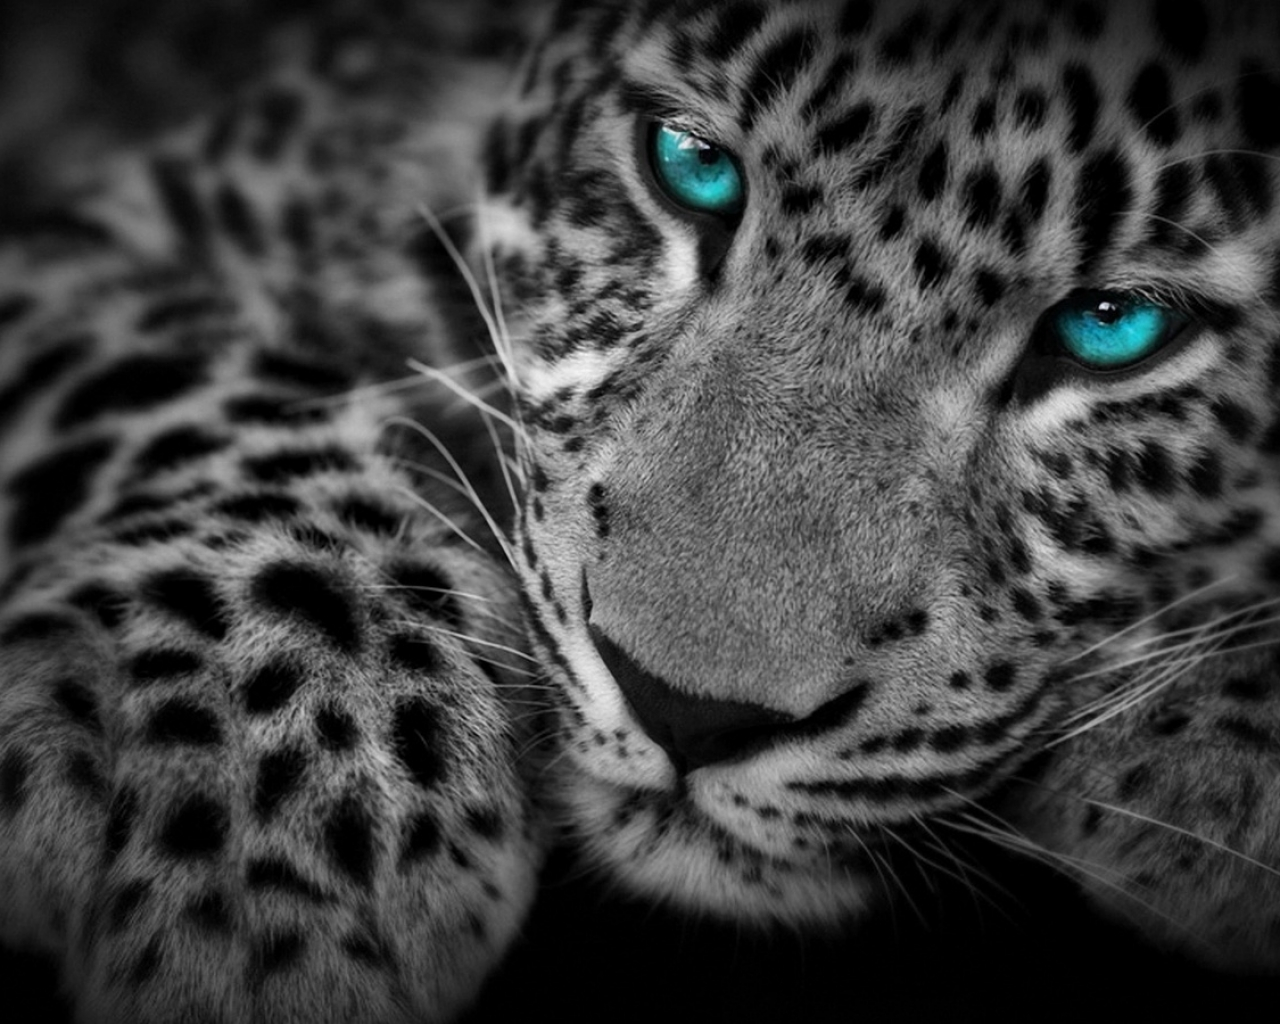 Animales Felino Leopardos Fondo De Pantalla Fondos De: Fondo De Pantalla Leopardo Ojos Azules 1280x1024